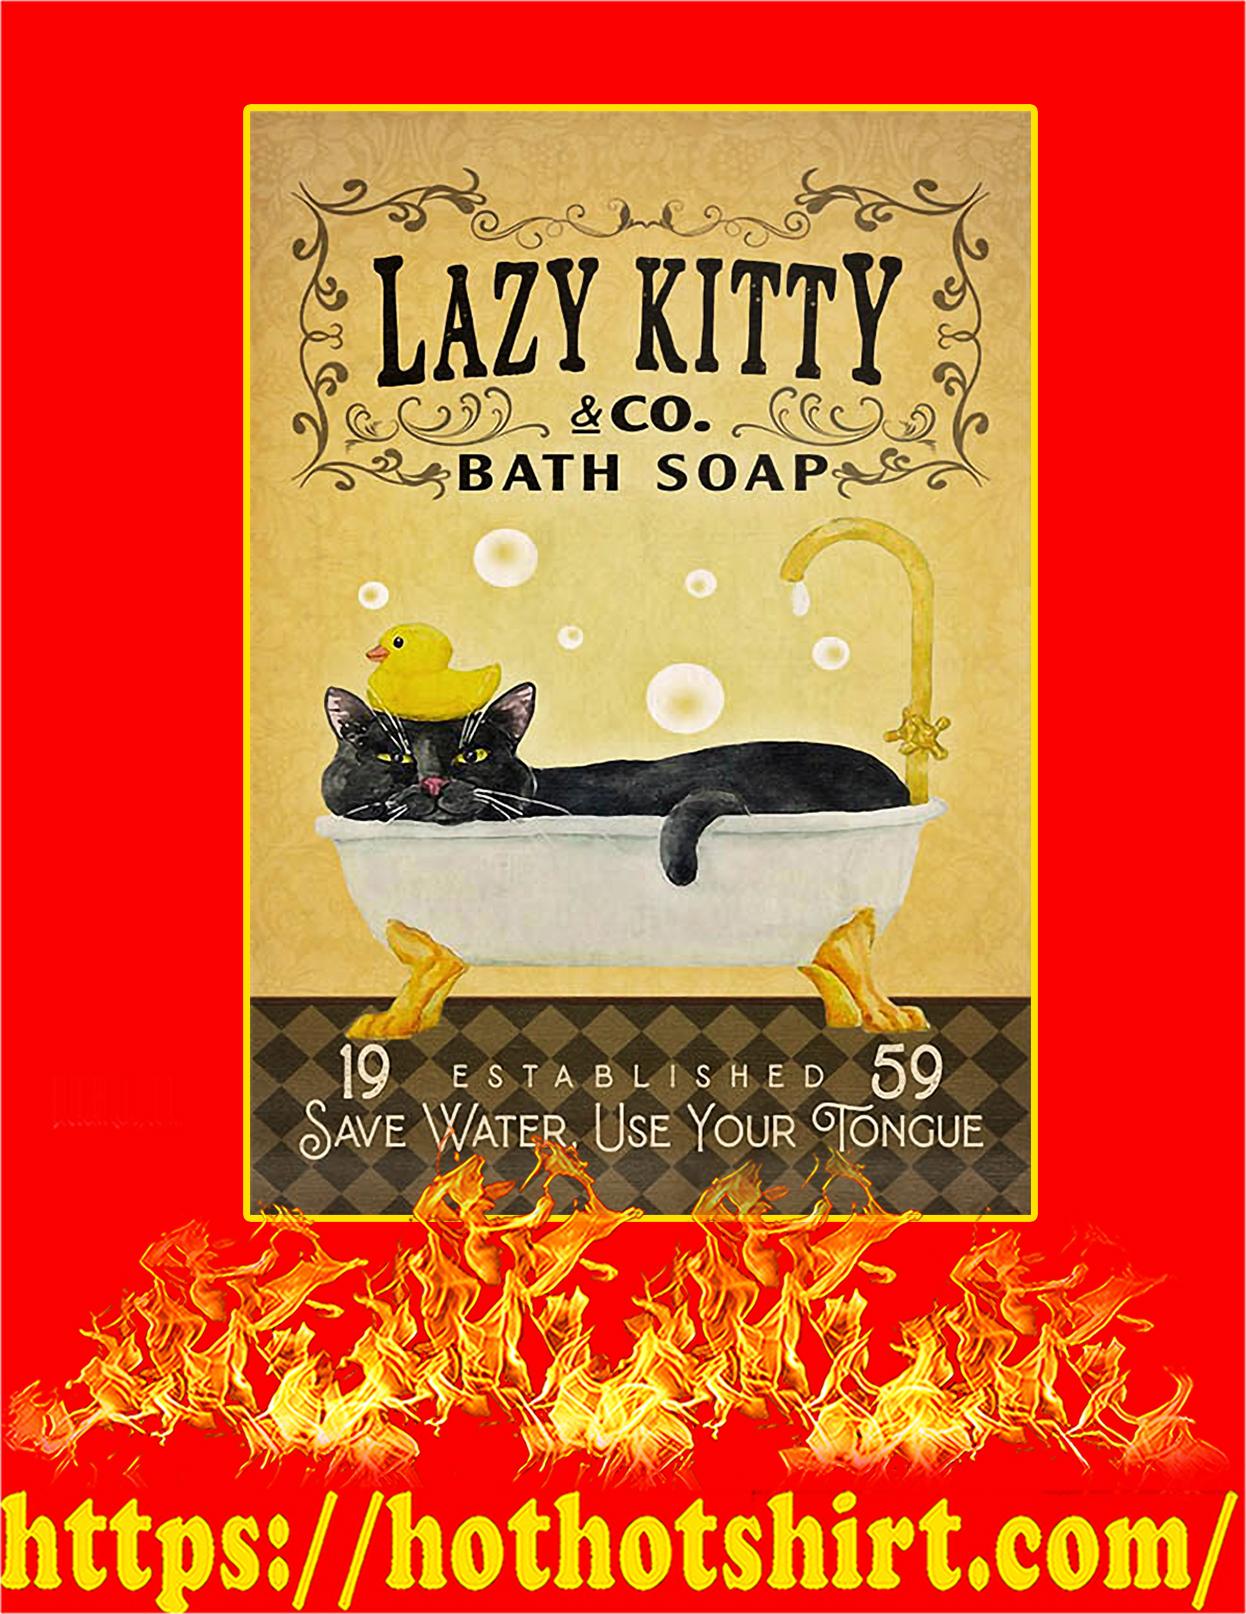 Bath soap company lazy kitty poster - A4